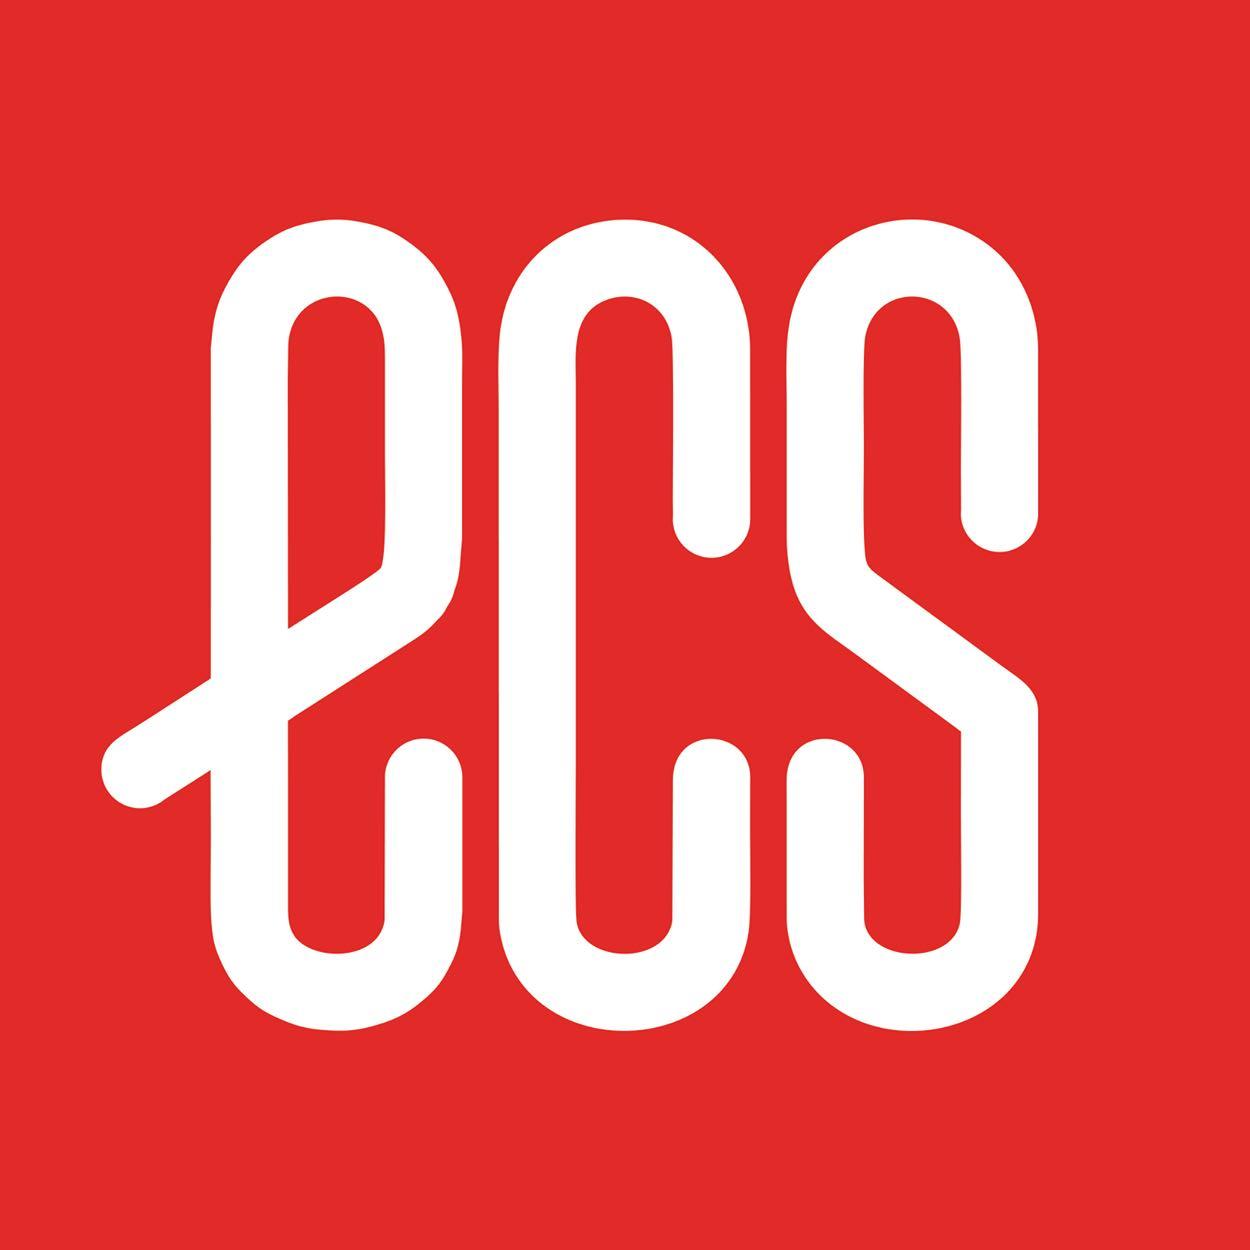 Ecs's Sales, Promotions and Deals